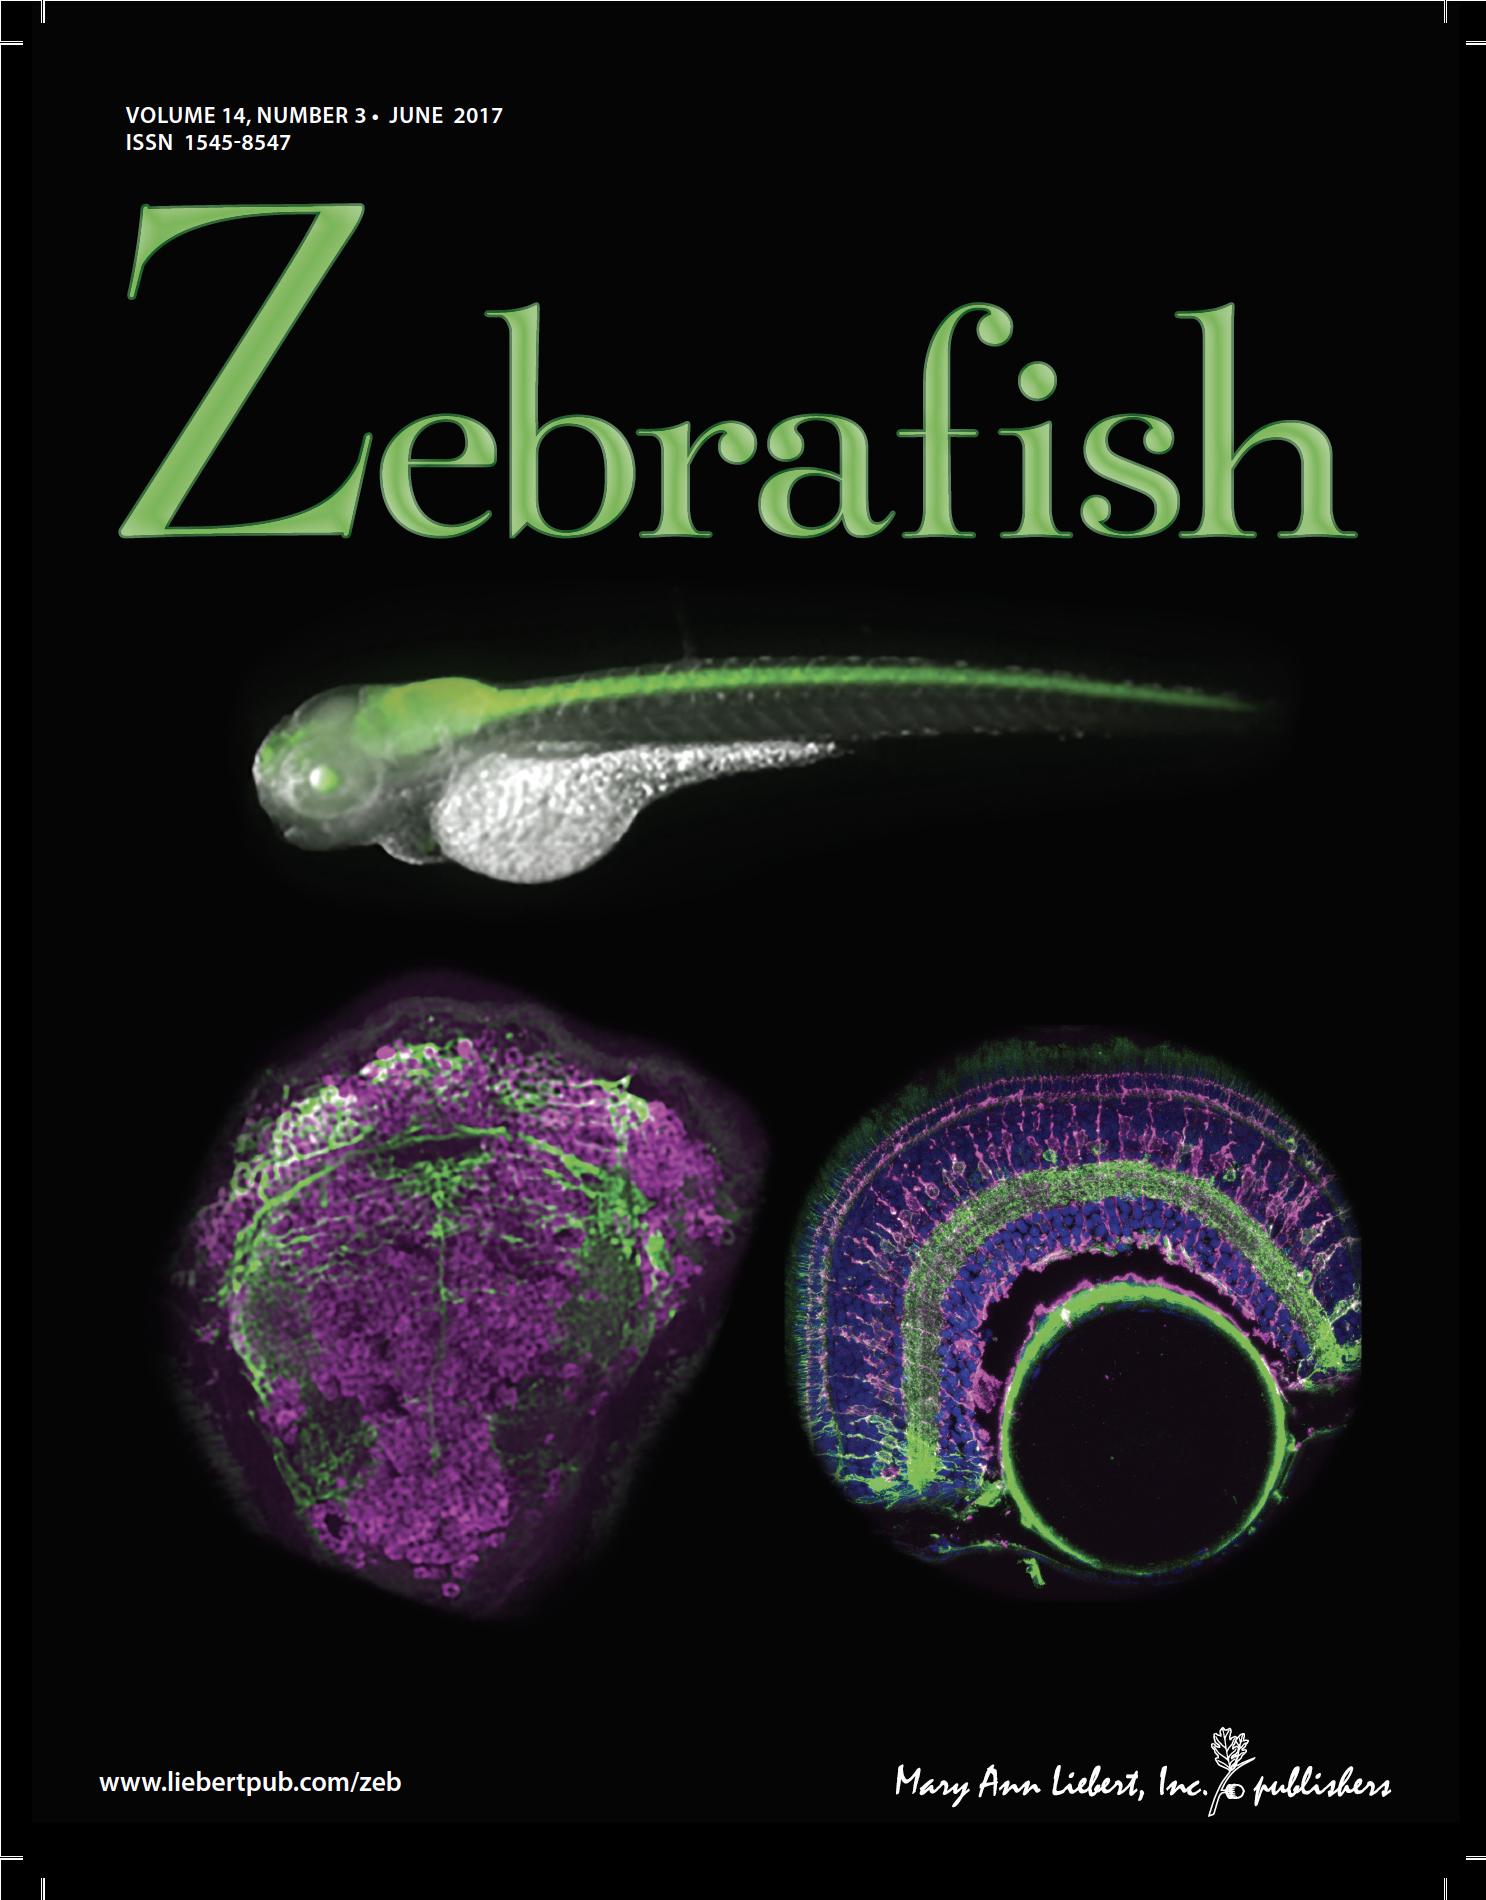 Zebrafish cover